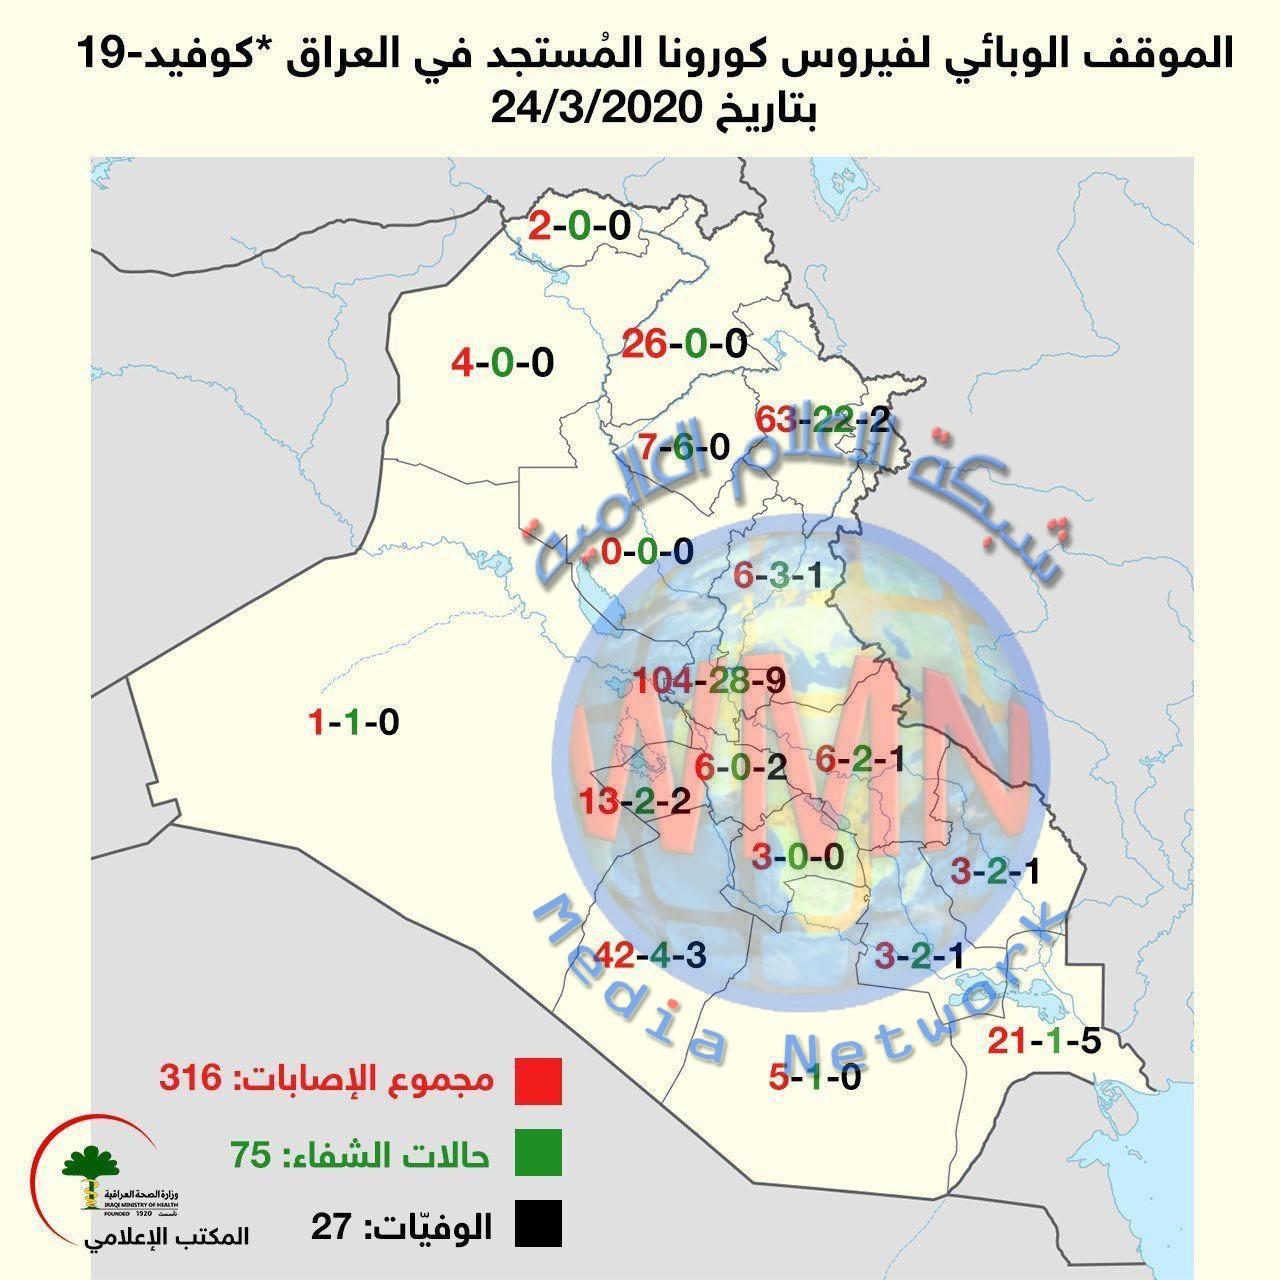 بالانفوغراف… الموقف الوبائي لفيروس كورونا في العراق